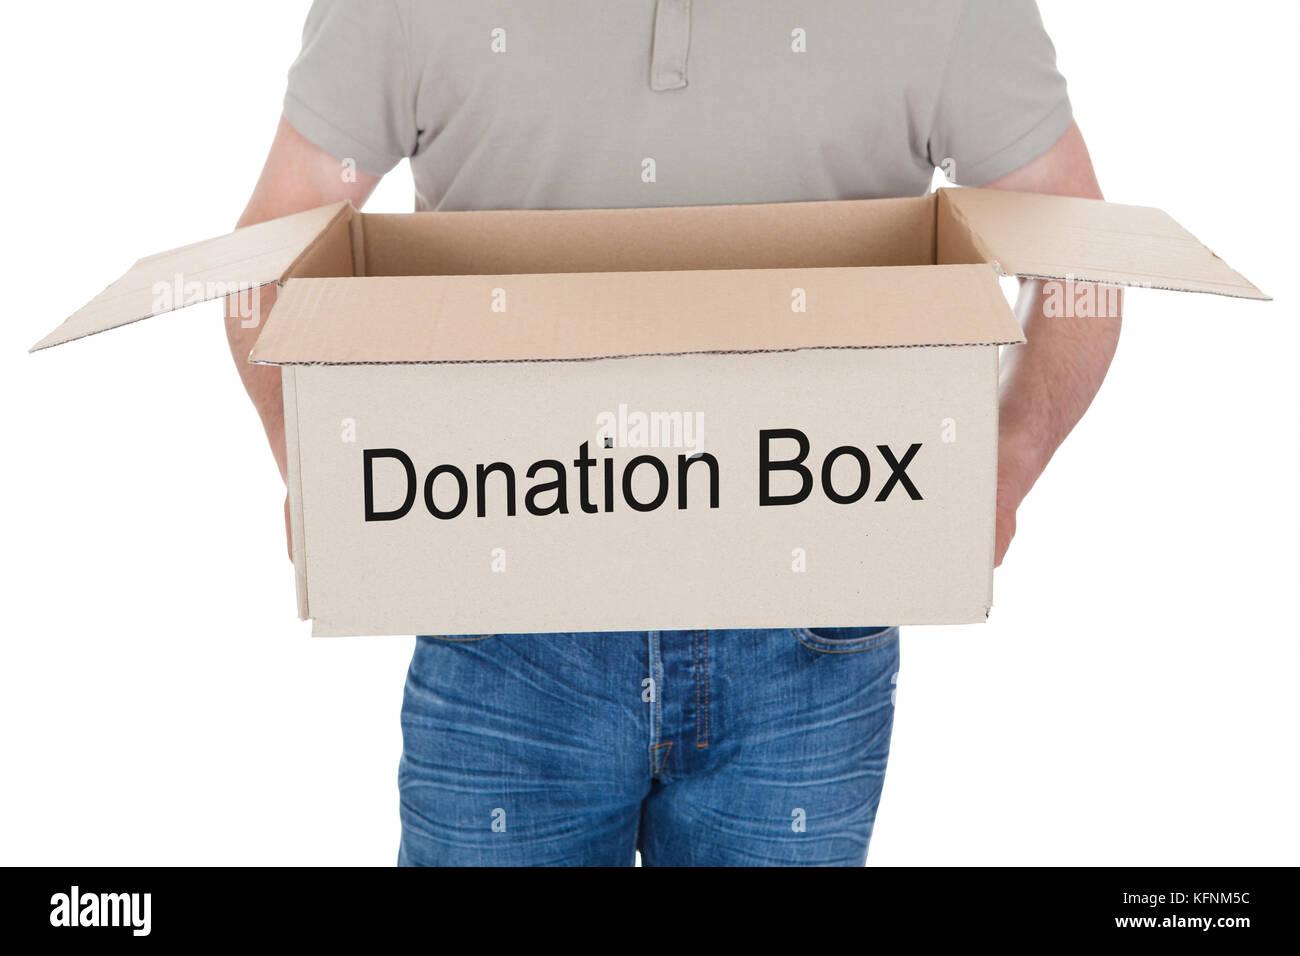 Man holding donation box isolated on white background - Stock Image